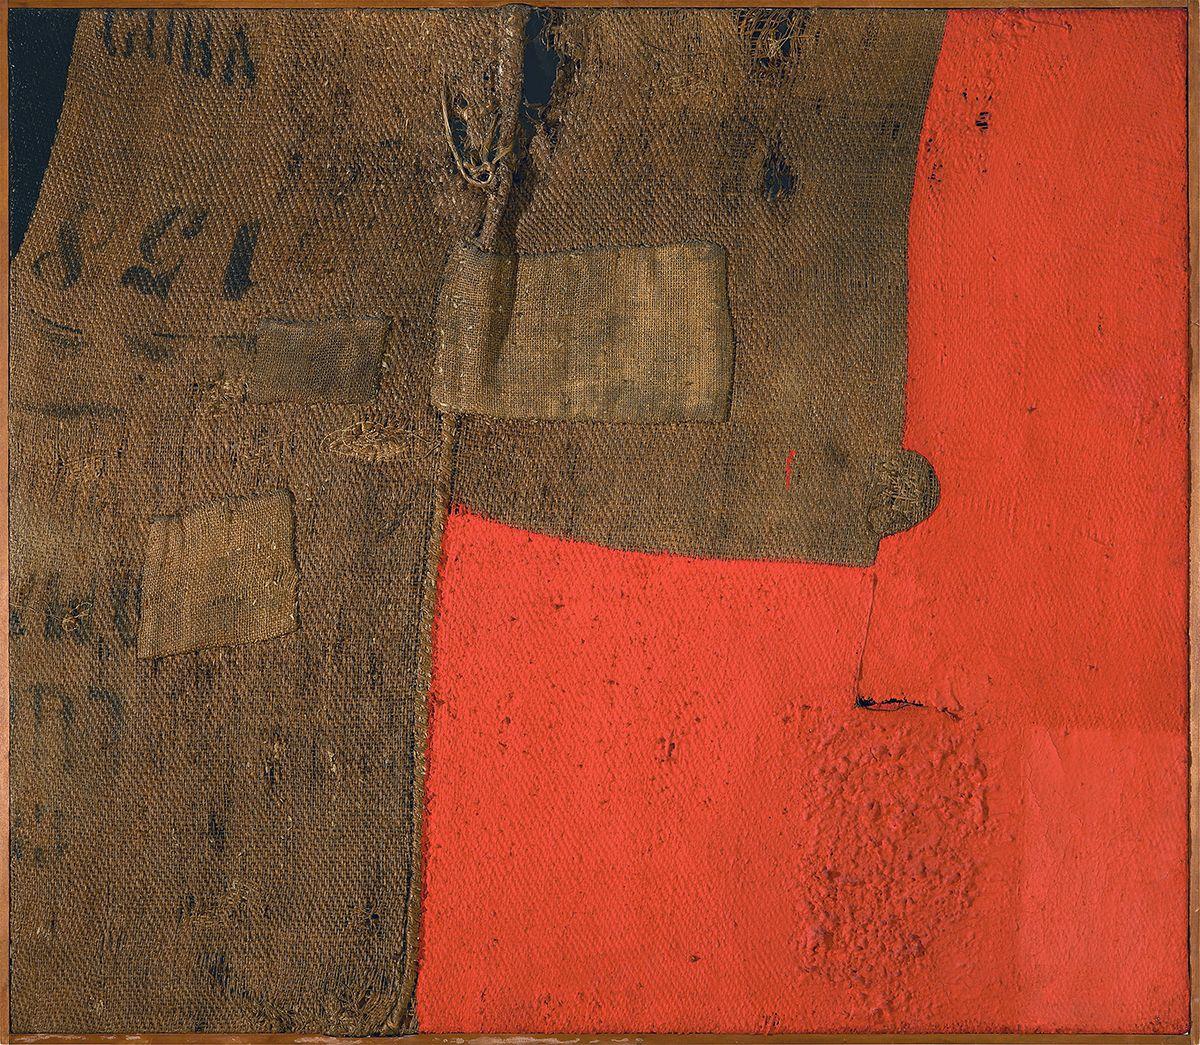 The Star Of Burri Shines At The Guggenheim Museum Alberto Burri Painting Modern Artwork